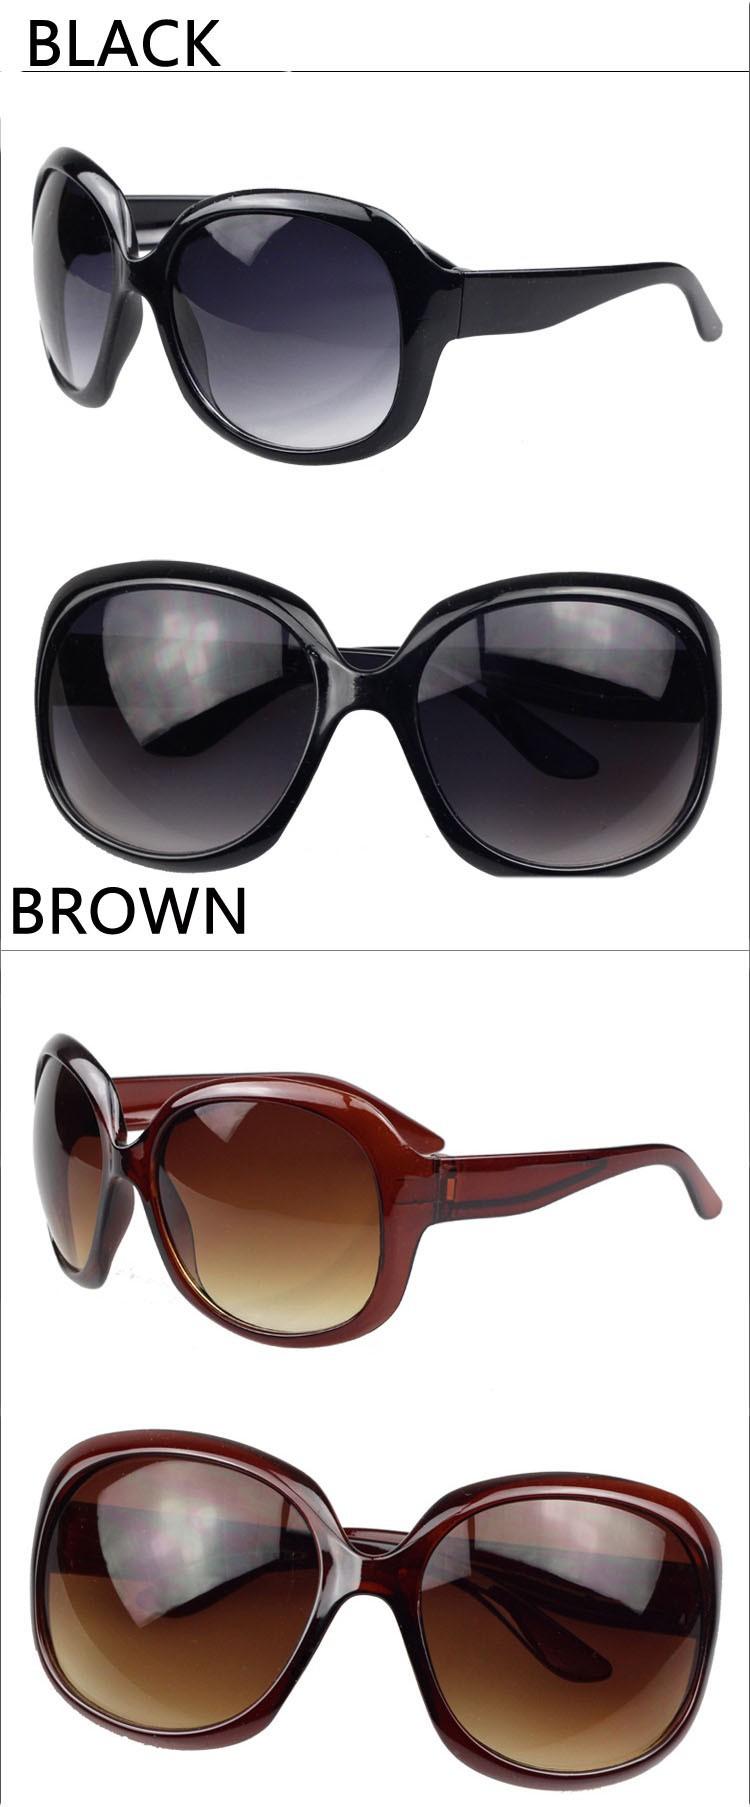 Новая мода покрытие sunglass зеркало sunglasse прибытия женщин любил унисекс солнечные очки